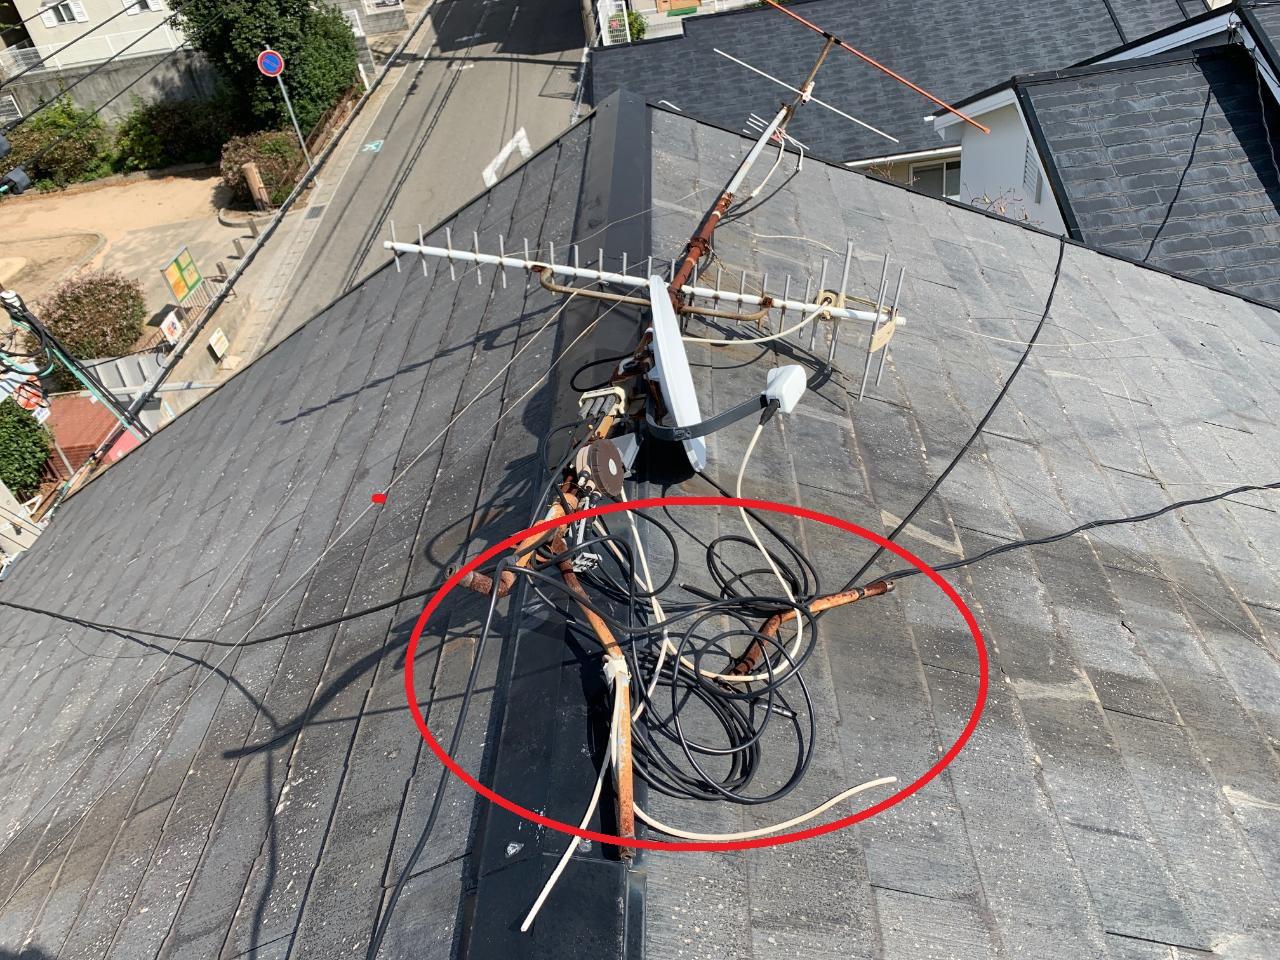 神戸市で台風の影響により屋根上のアンテナの足が折れて倒れている様子